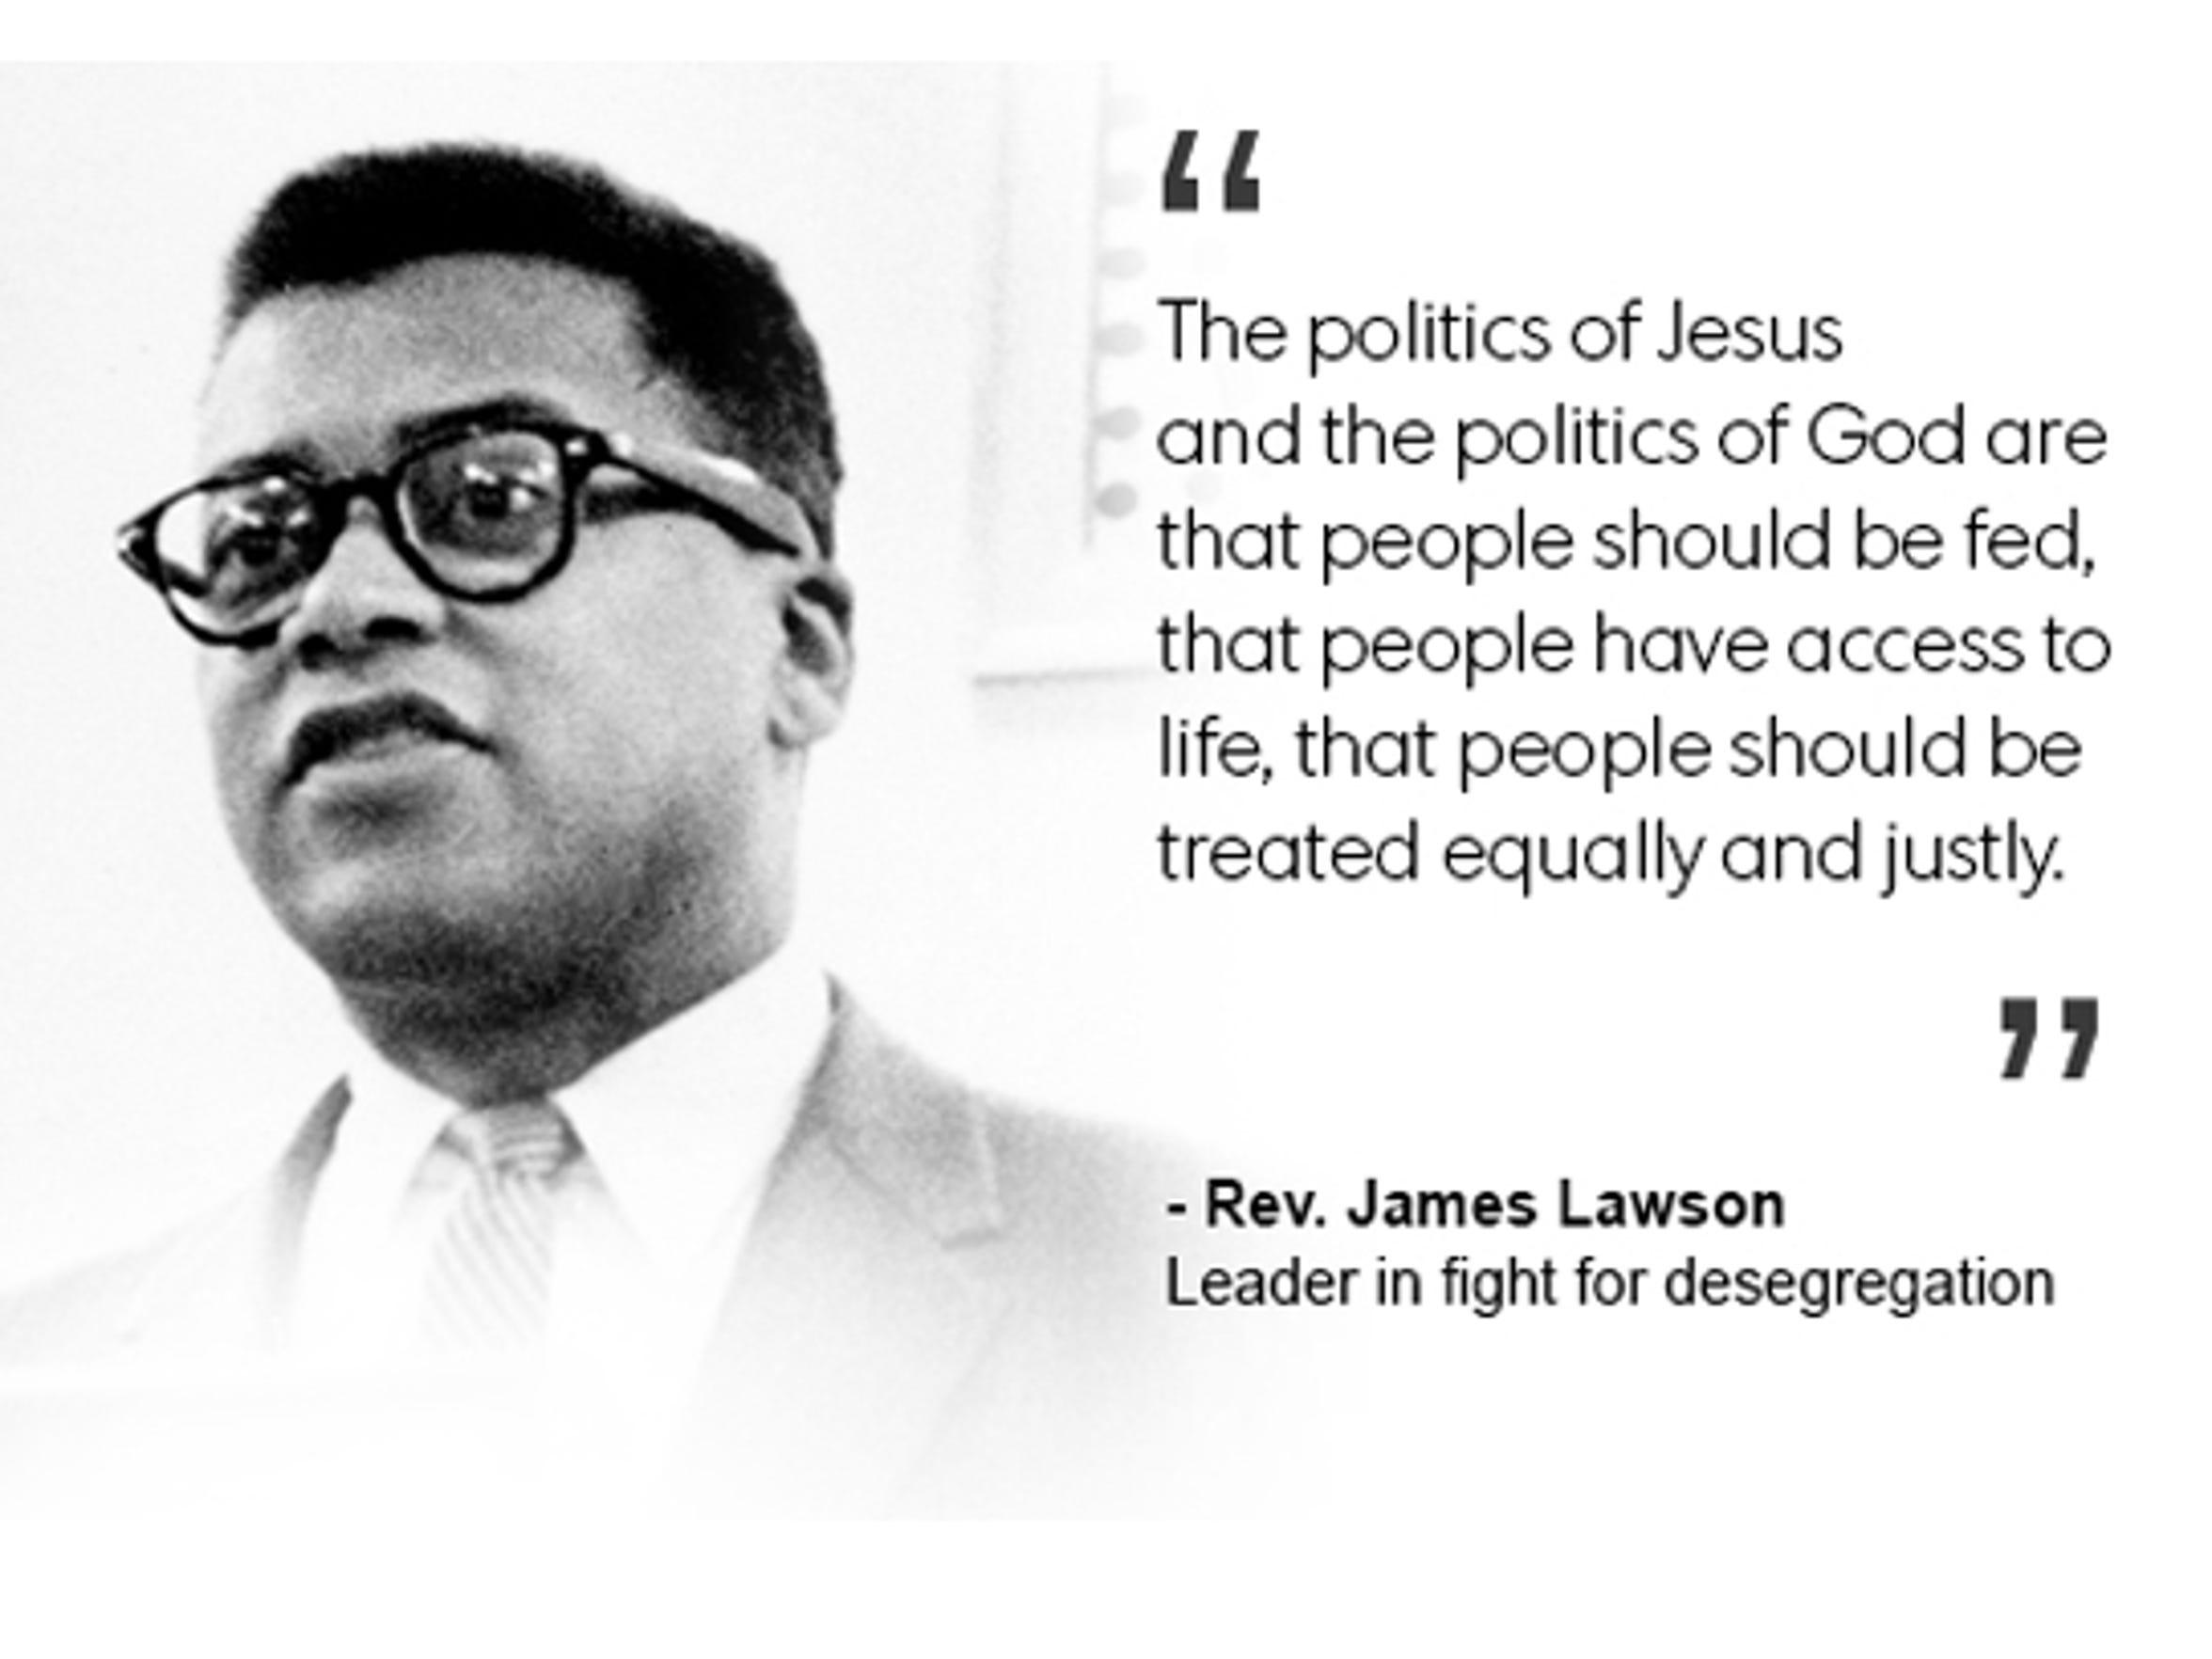 Rev. James Lawson, leader in fight for desegregation